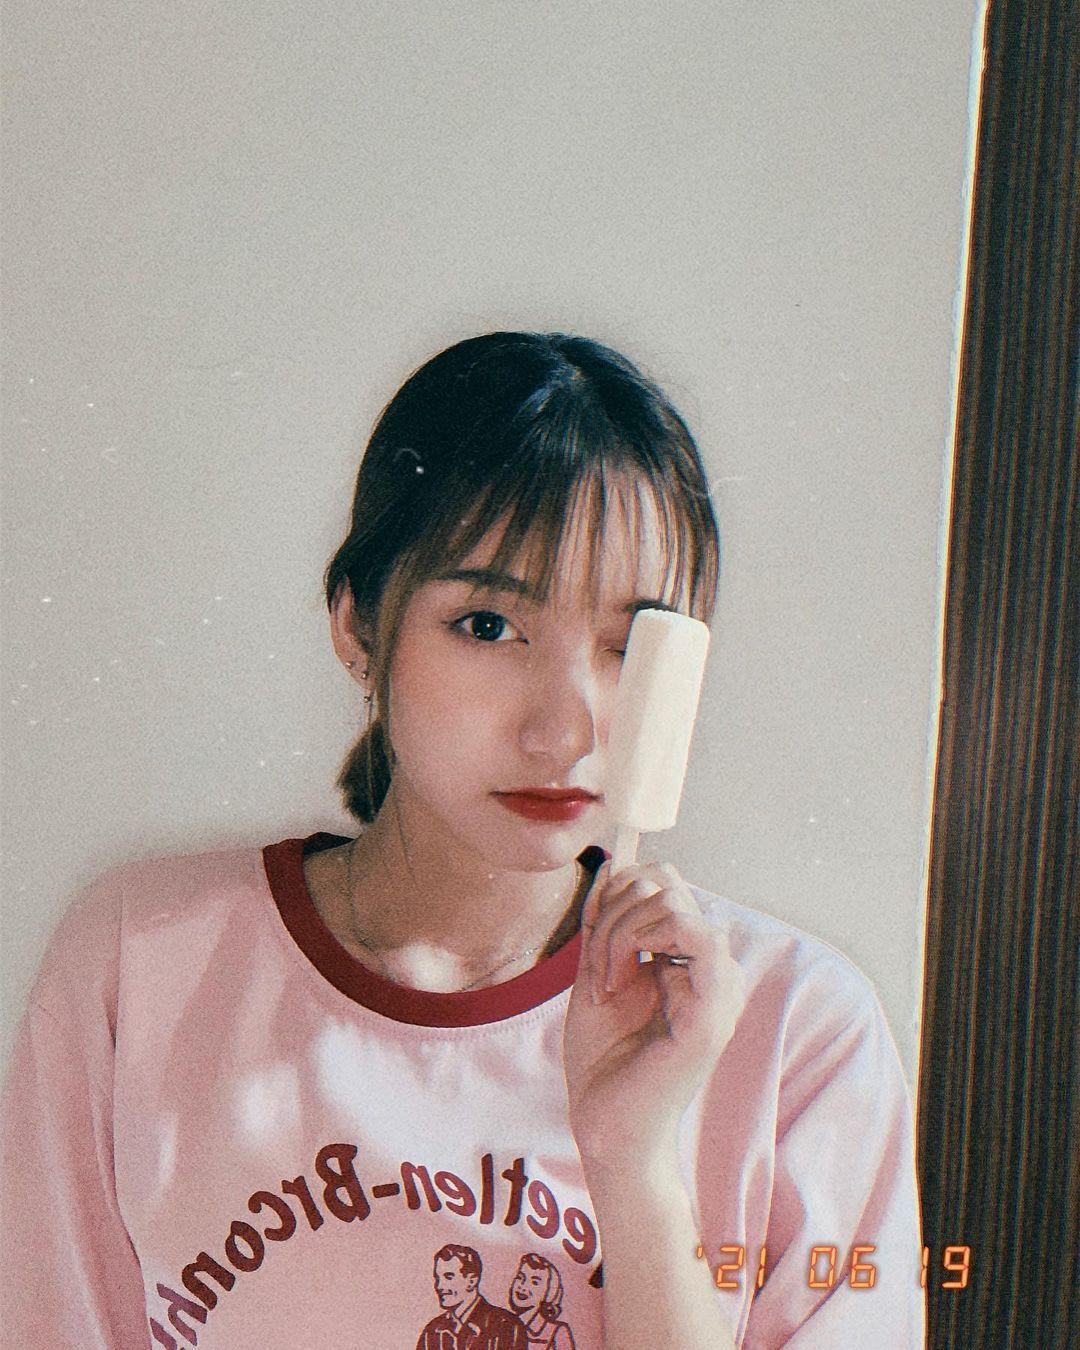 高雄小港高中18岁清纯学生妹,短发俏丽笑容甜美,个人IG好几万人追踪 养眼图片 第7张